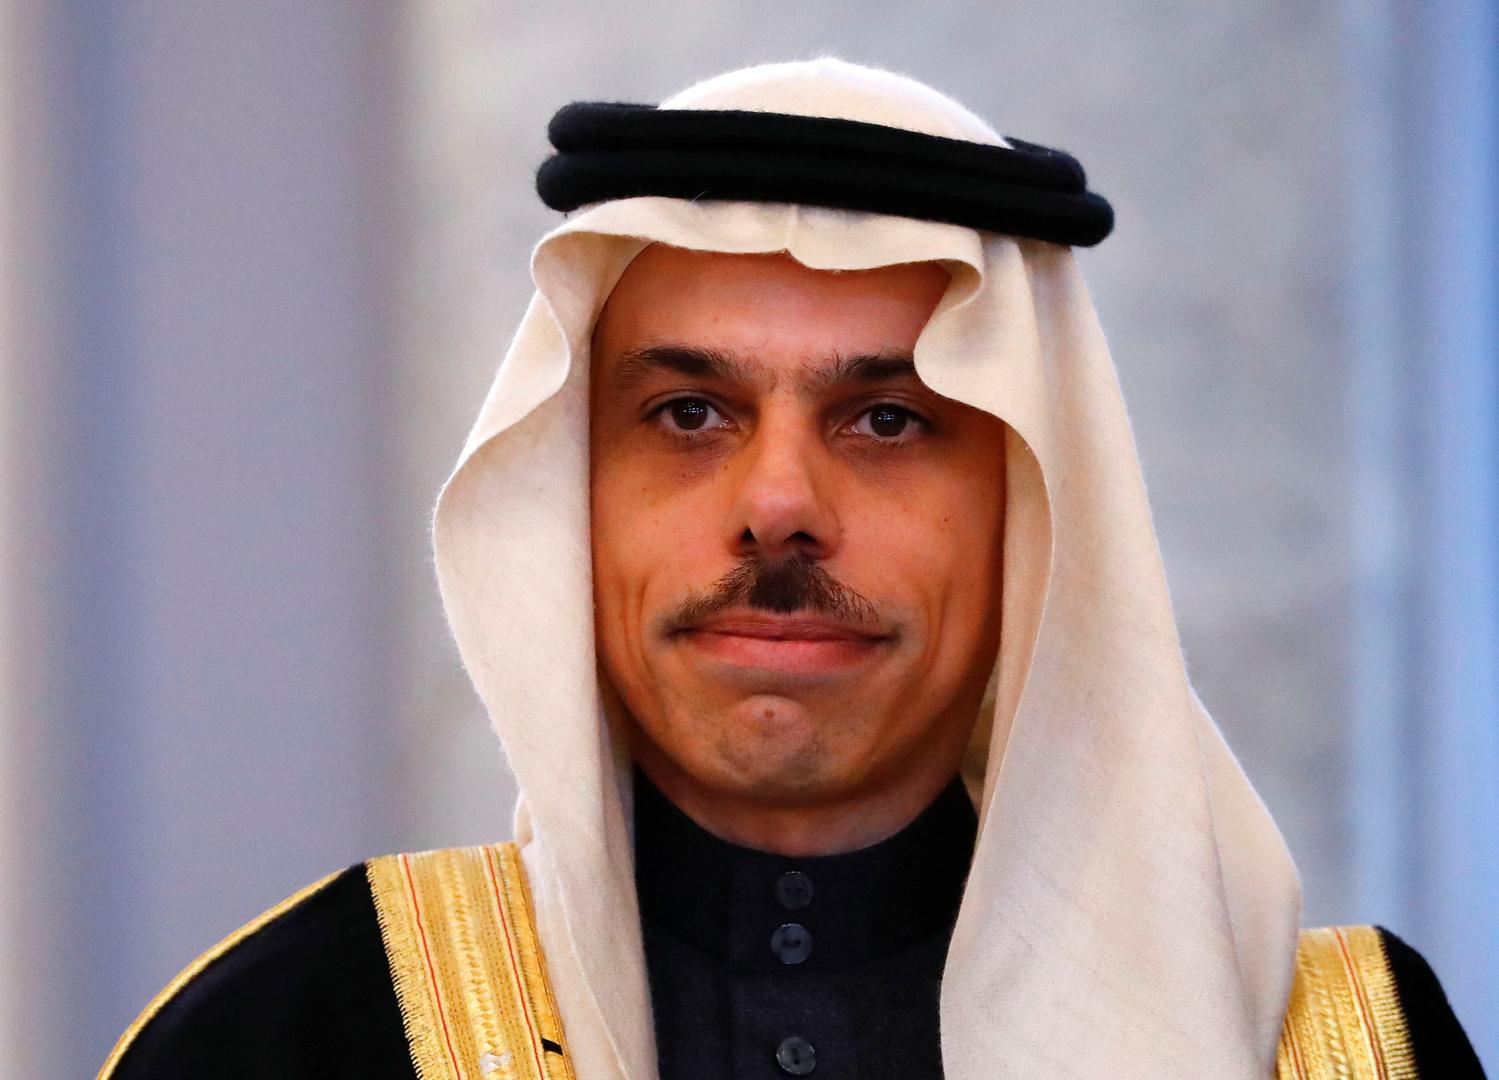 وزير الخارجية السعودي: لا اتصالات مباشرة مع إيران وعلى طهران تغيير سلوكها أولا